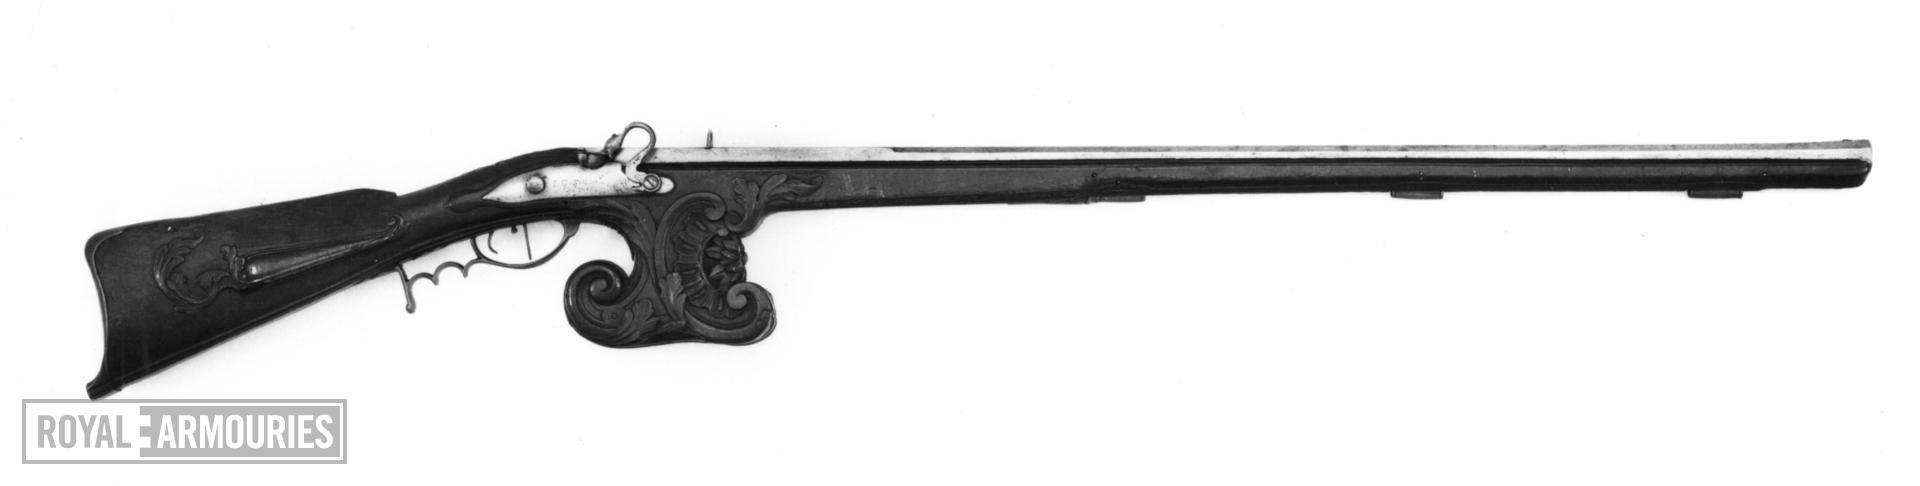 Matchlock muzzle-loading target gun - By E. G. Siaens